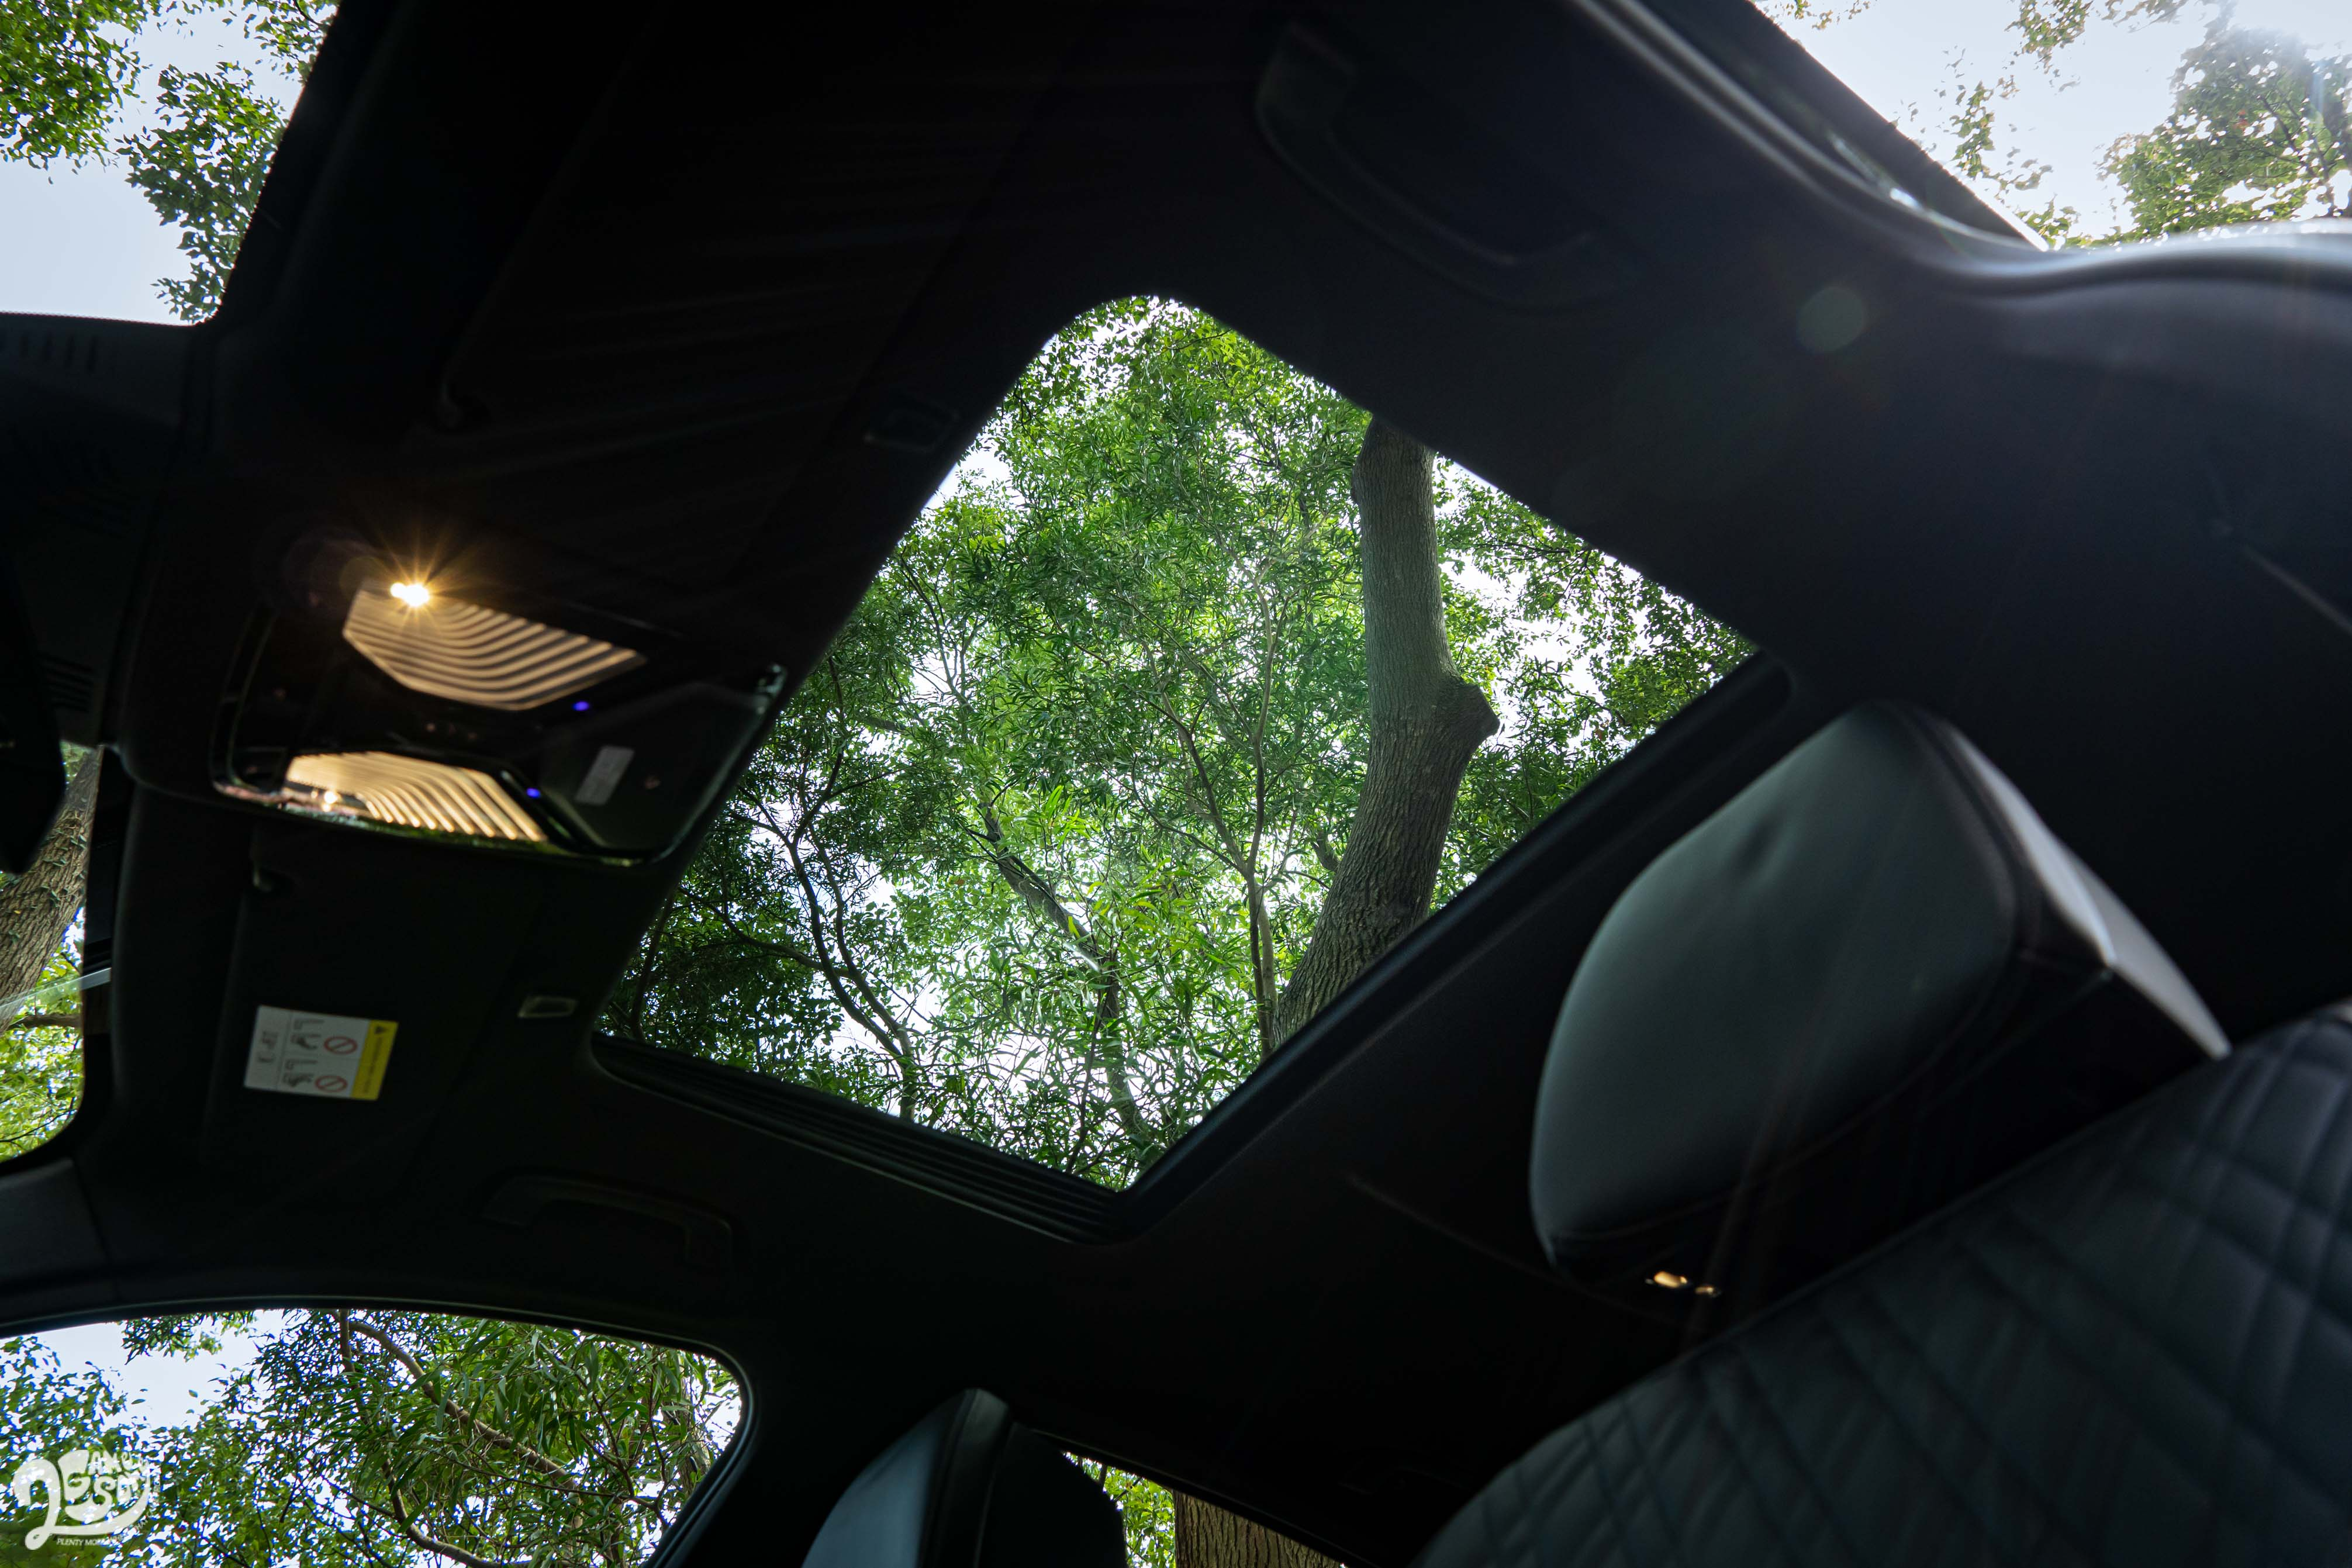 天窗只有前座可以享受到,全景天窗要到 5系列 Touring 才有。